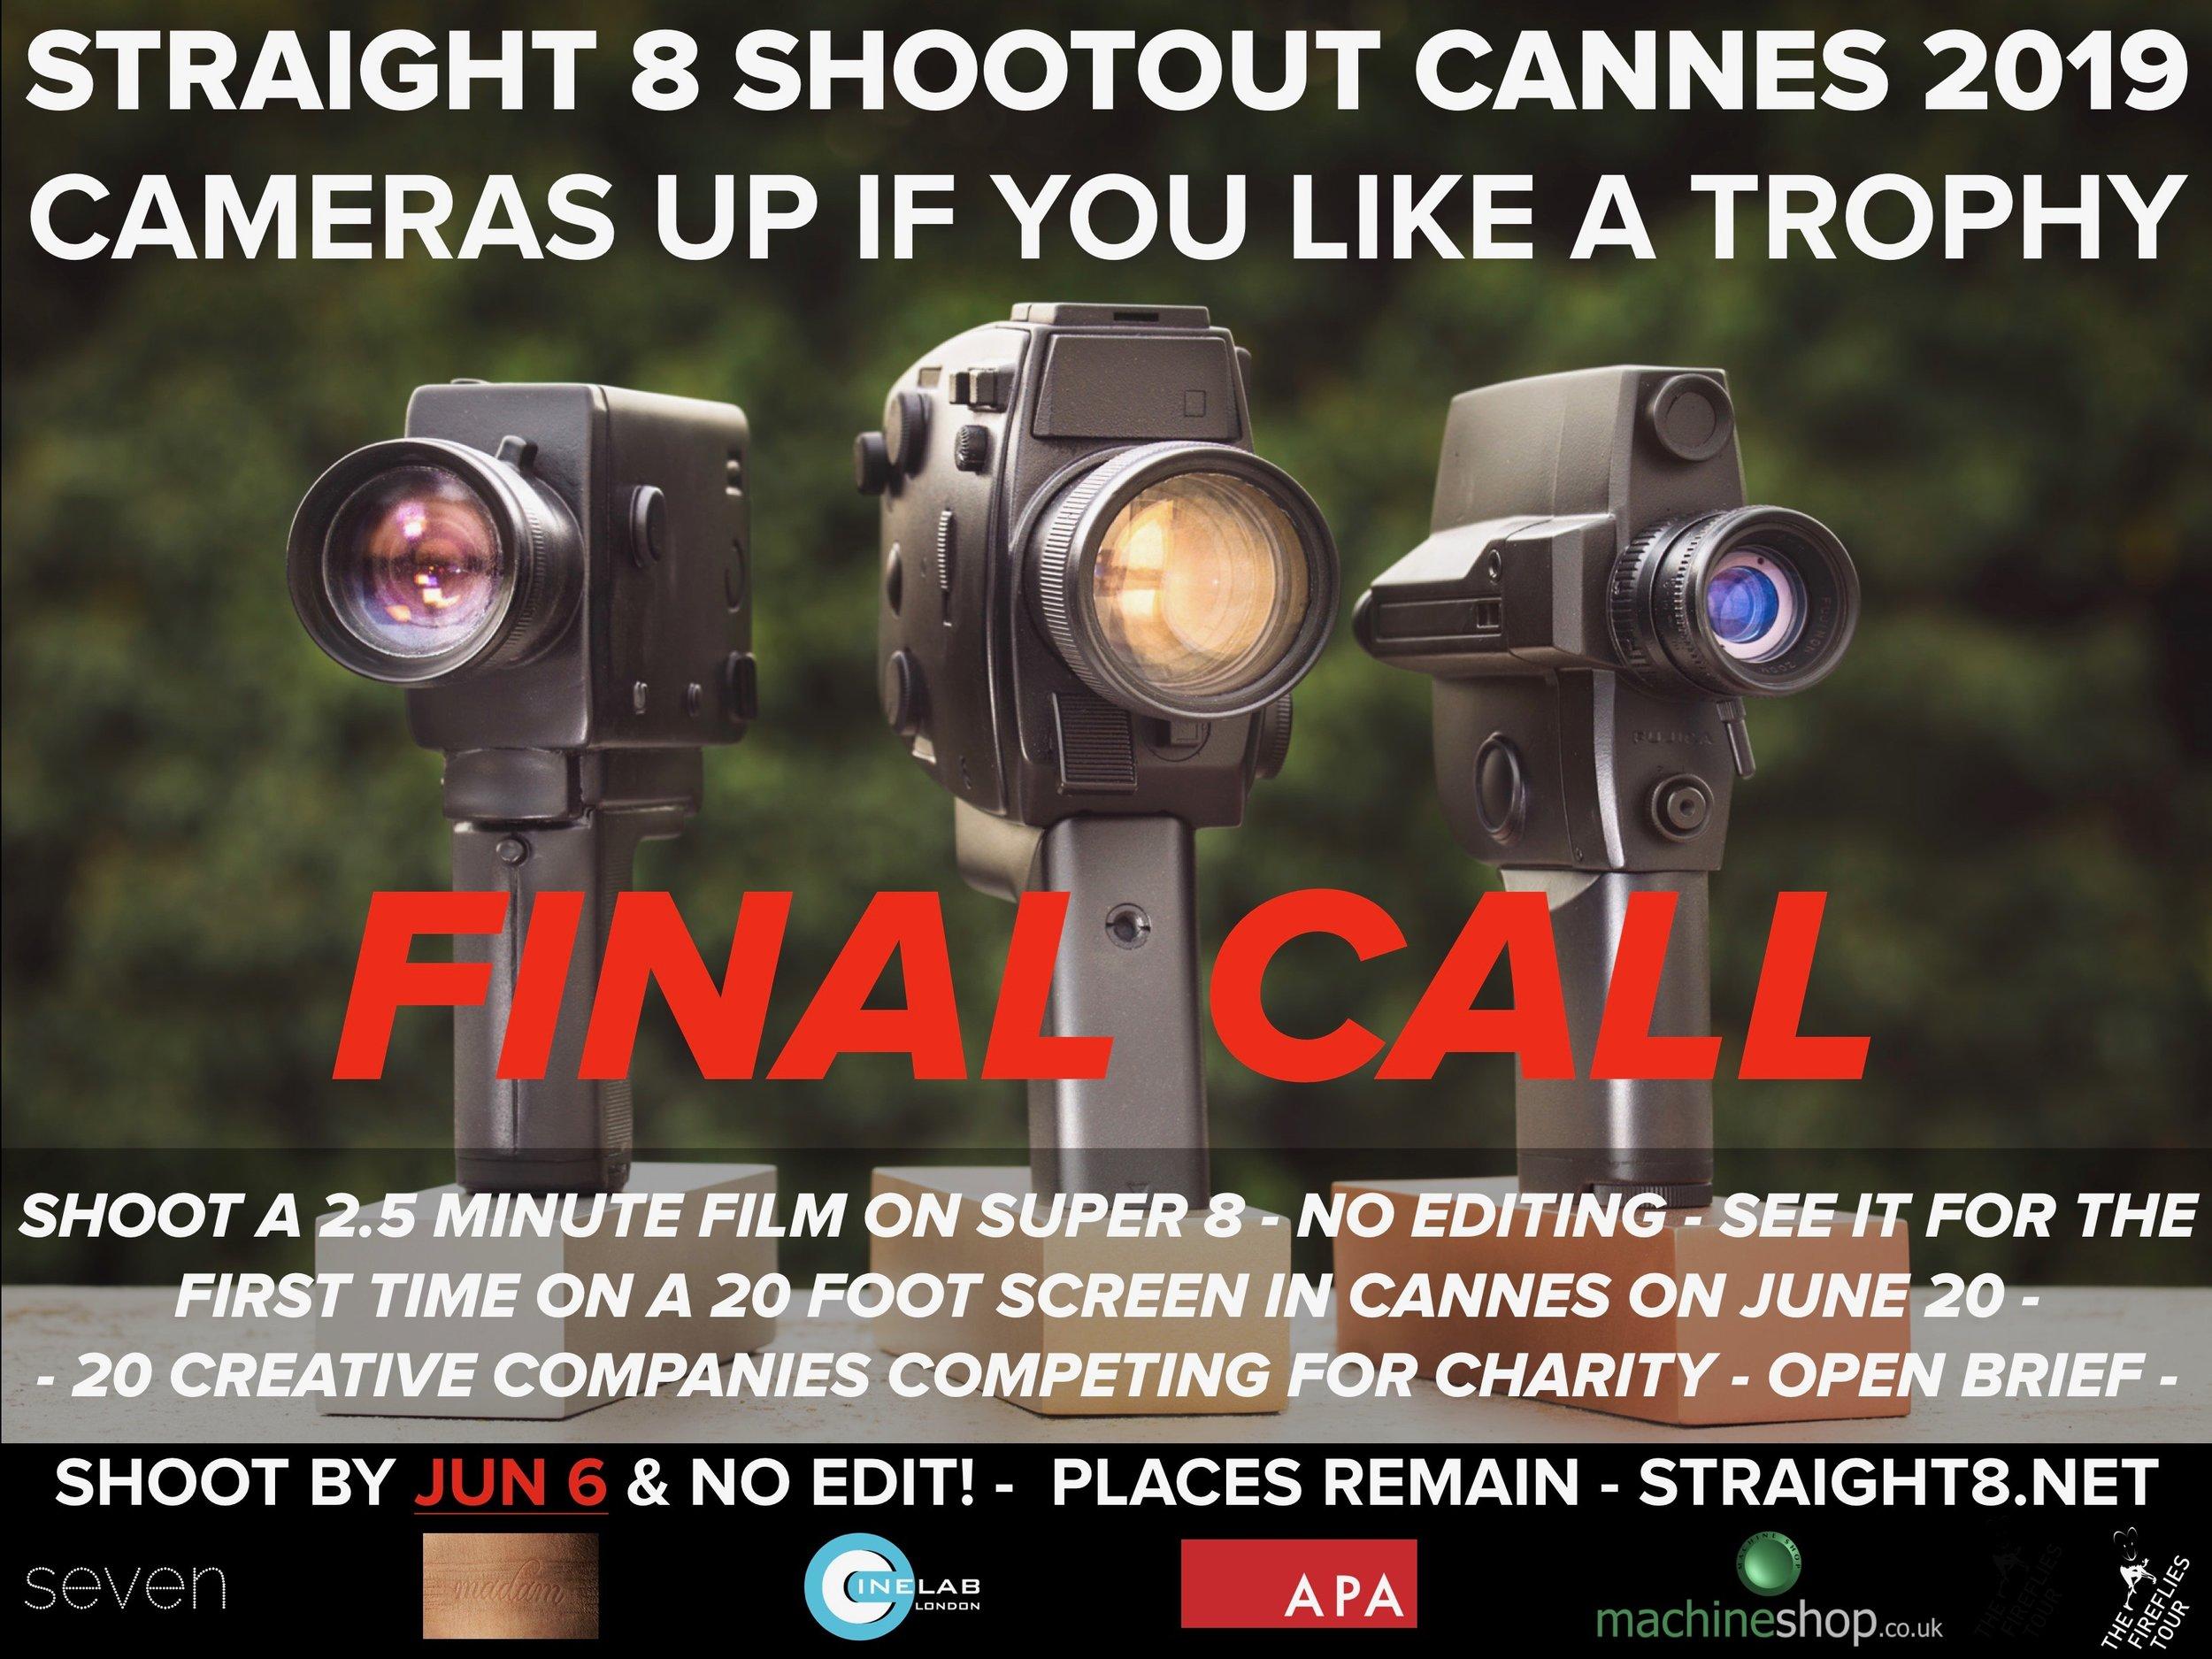 shootout 2019 final call.jpg